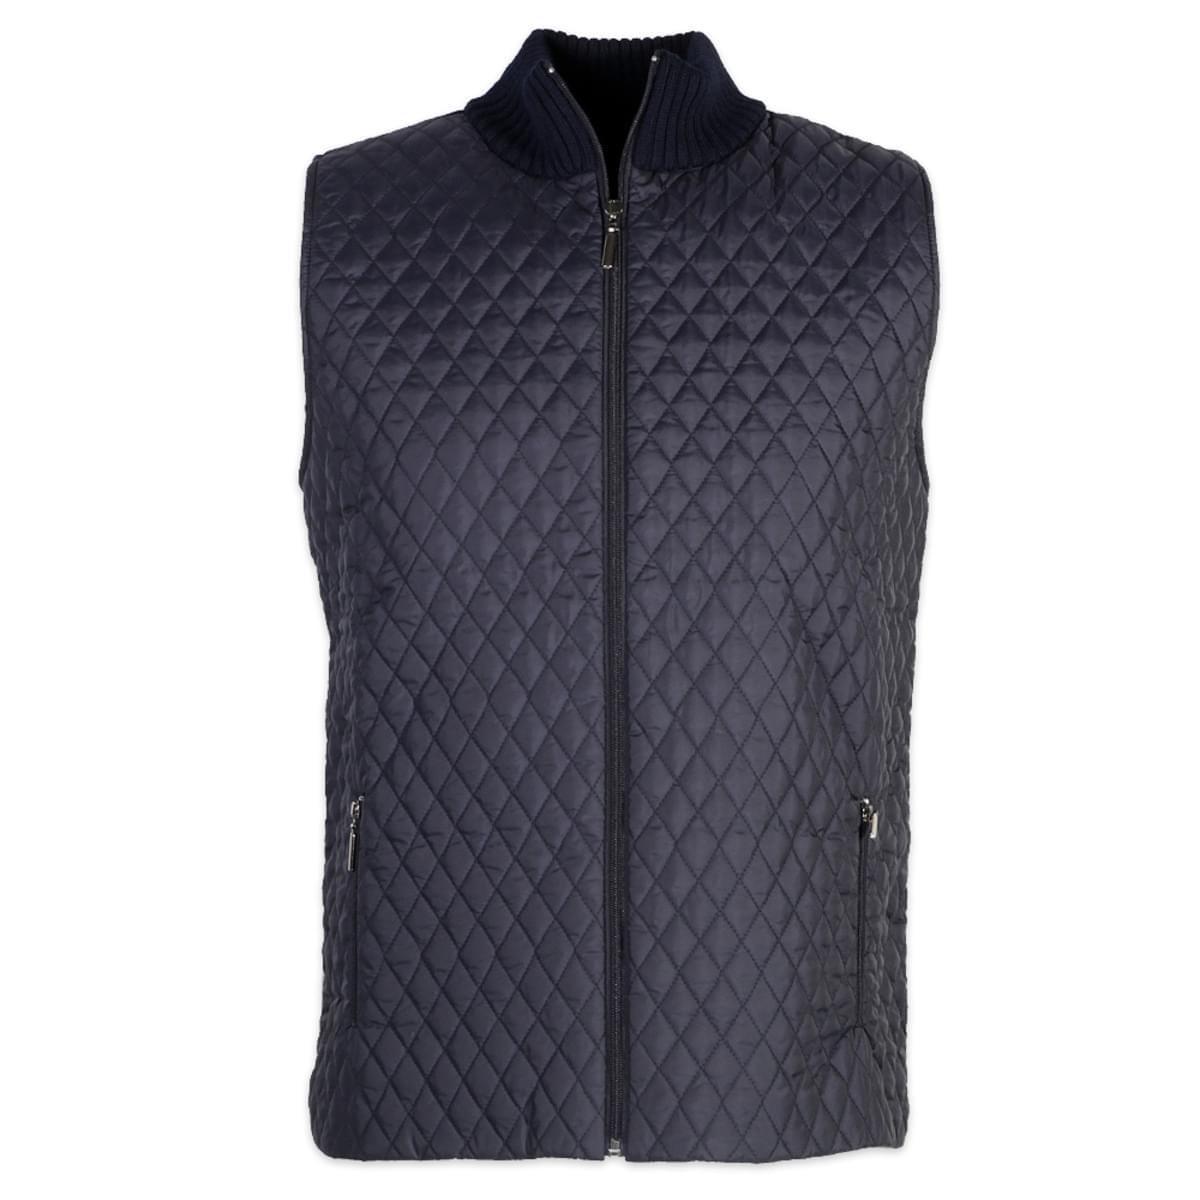 Pánská prošívaná vesta Willsoor 6013 ve tmavě modré barvě M